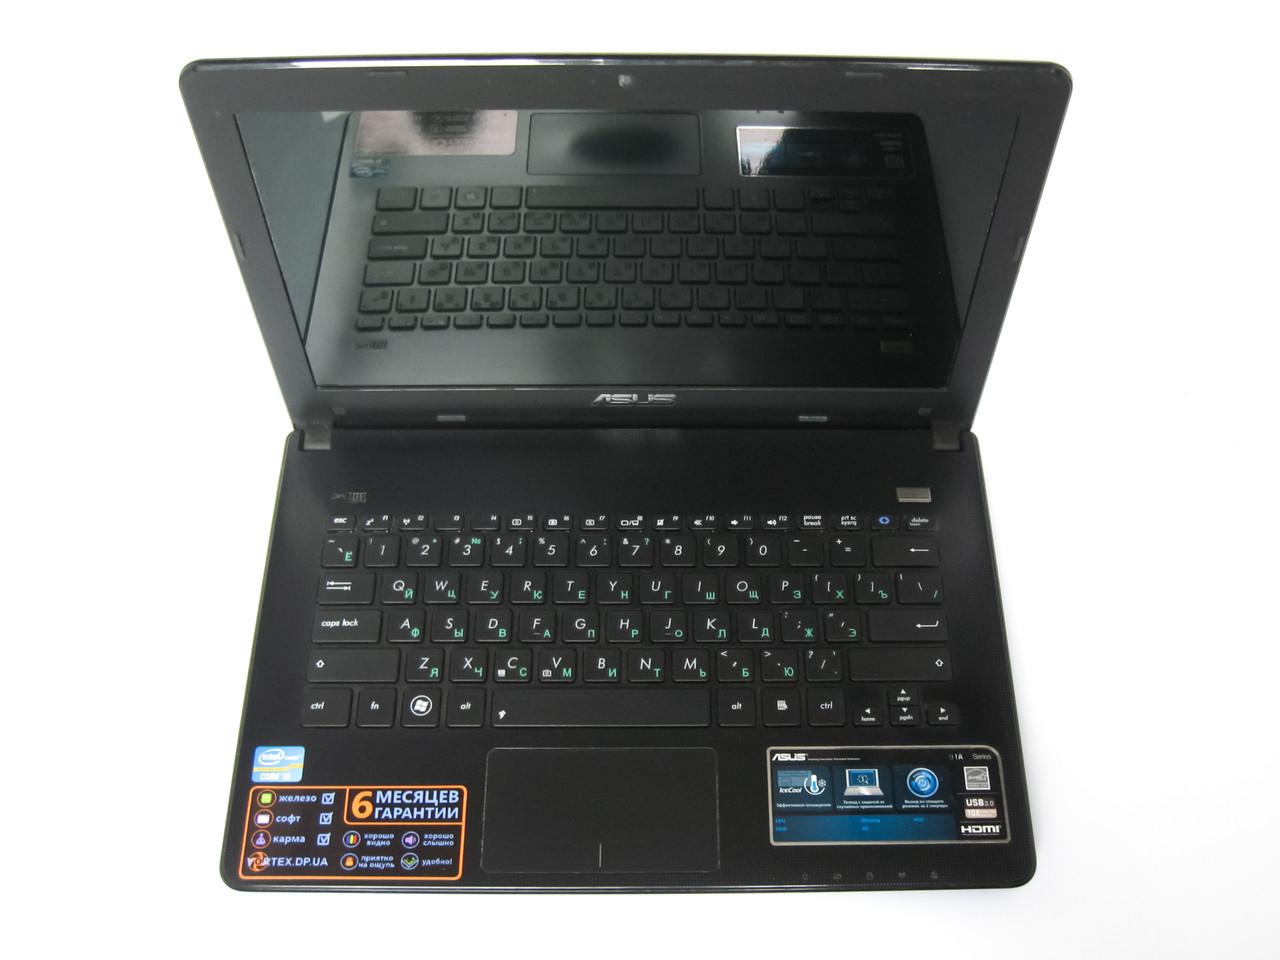 Ноутбук Asus X301A 13.3(1366x768) / Intel Core i3-3110M (2x2.4GHz) / I